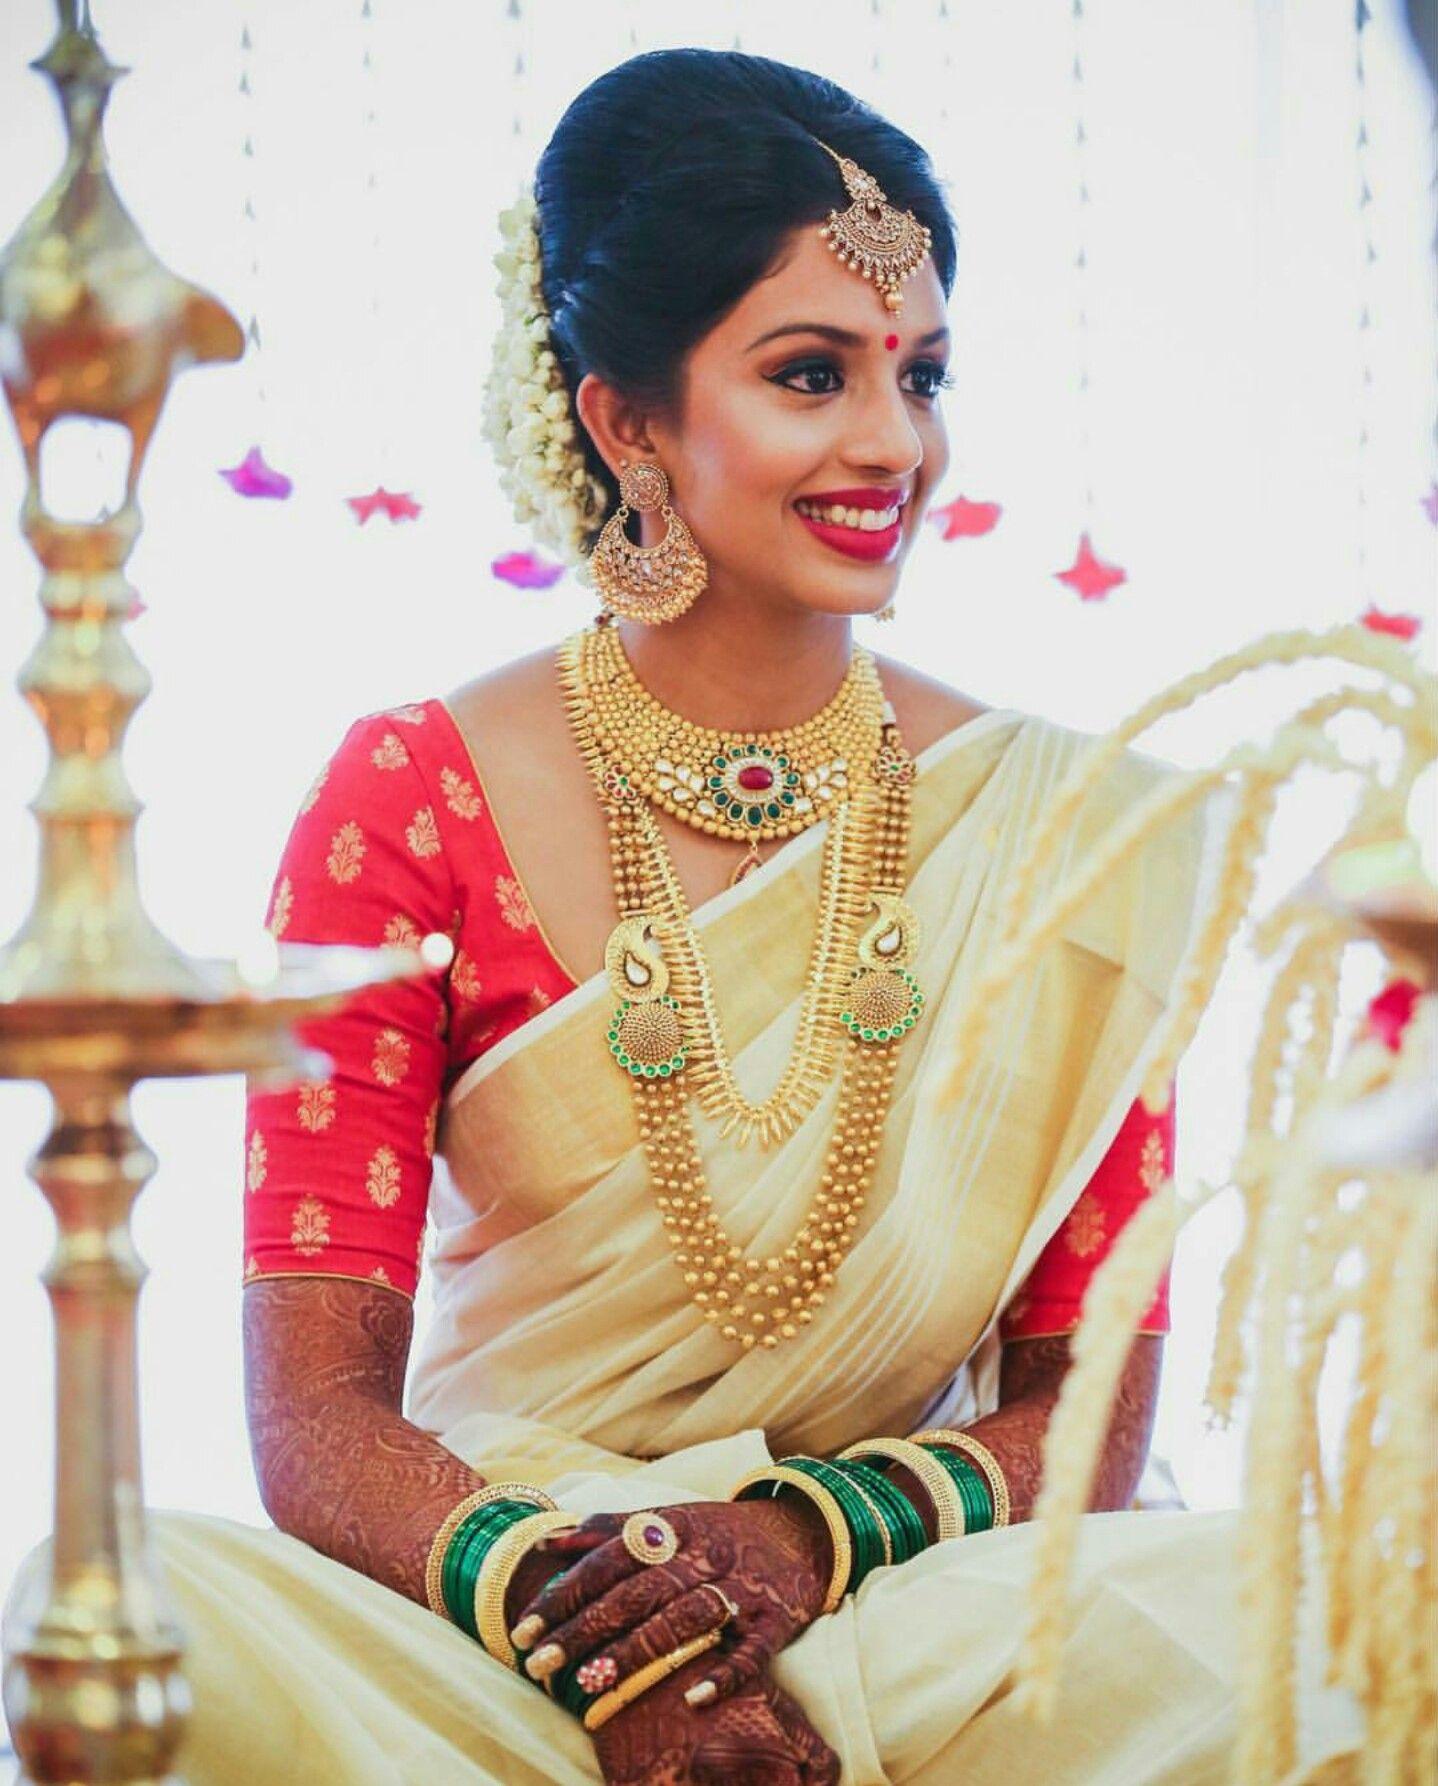 Wedding Sarees For Bride Kerala Hindu: Kerala Wedding Saree, Indian